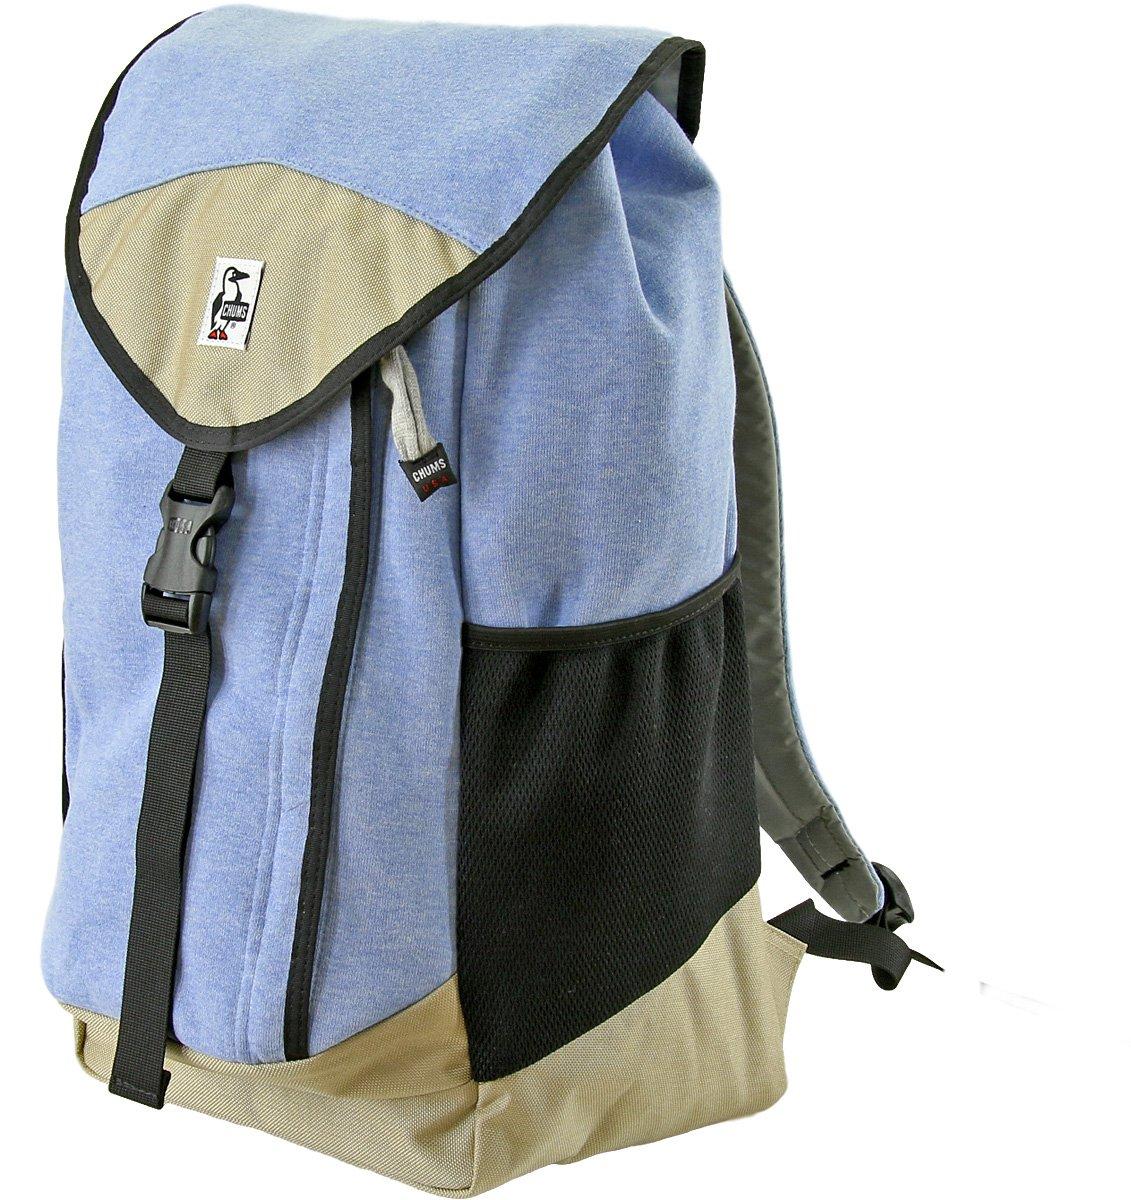 [チャムス] リュック Book Pack Sweat Nylon CH60-0680-A046-00 B01N9Z7BHE H-Sax/Beige-A046 H-Sax/Beige-A046